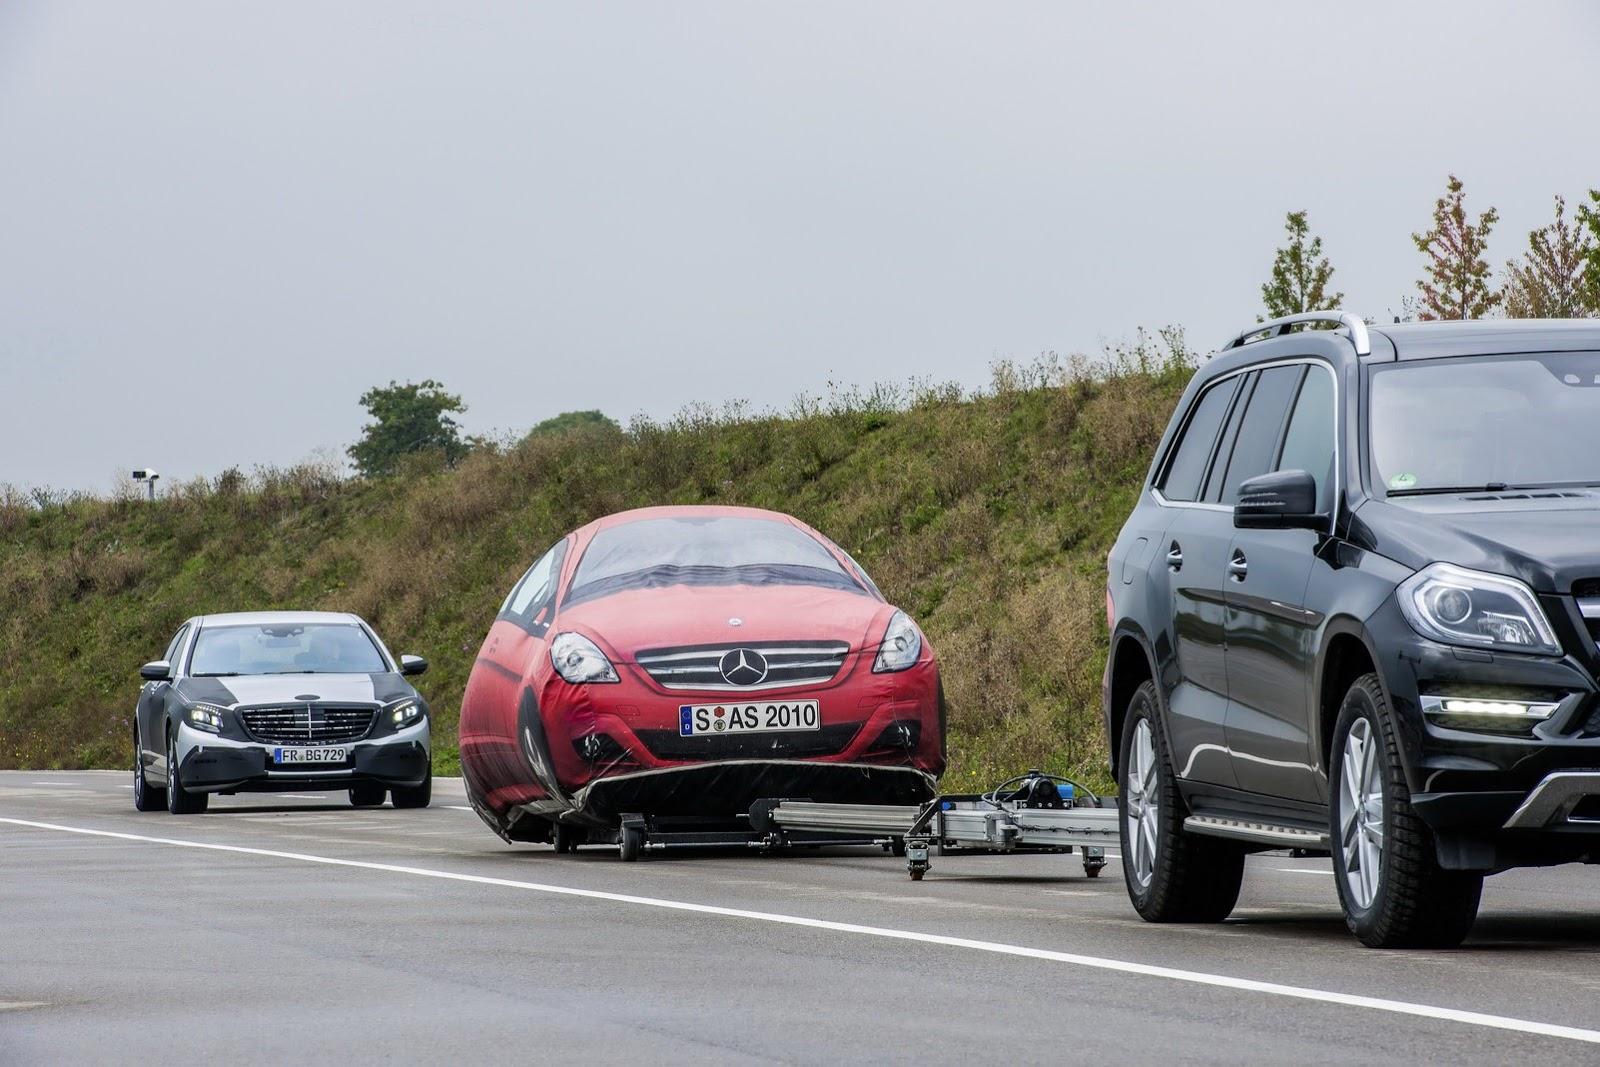 2014 Mercedes S Class Technology Detailed Video